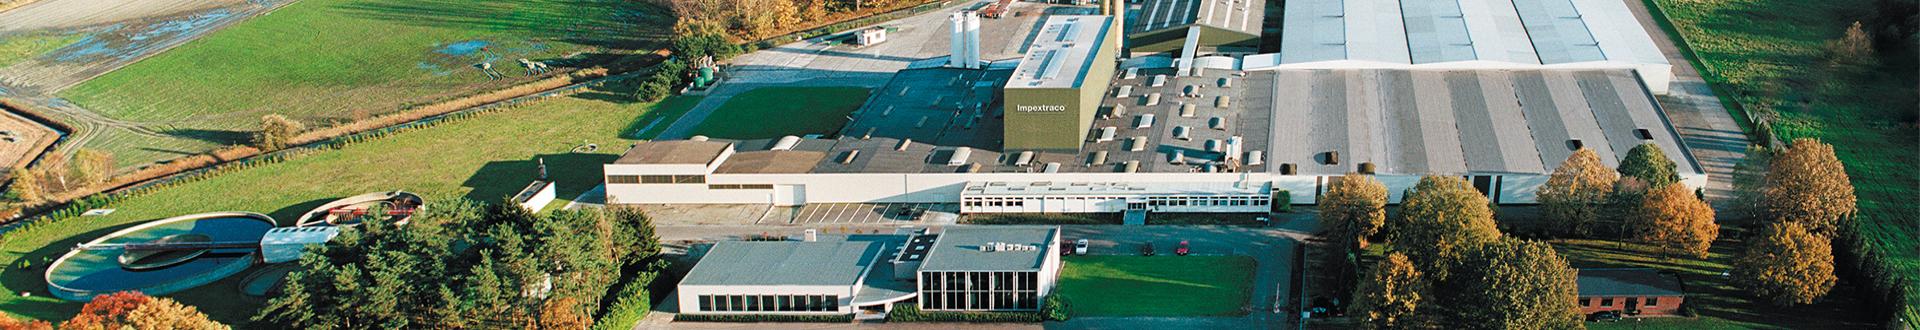 Impextraco Headquarter Belgium